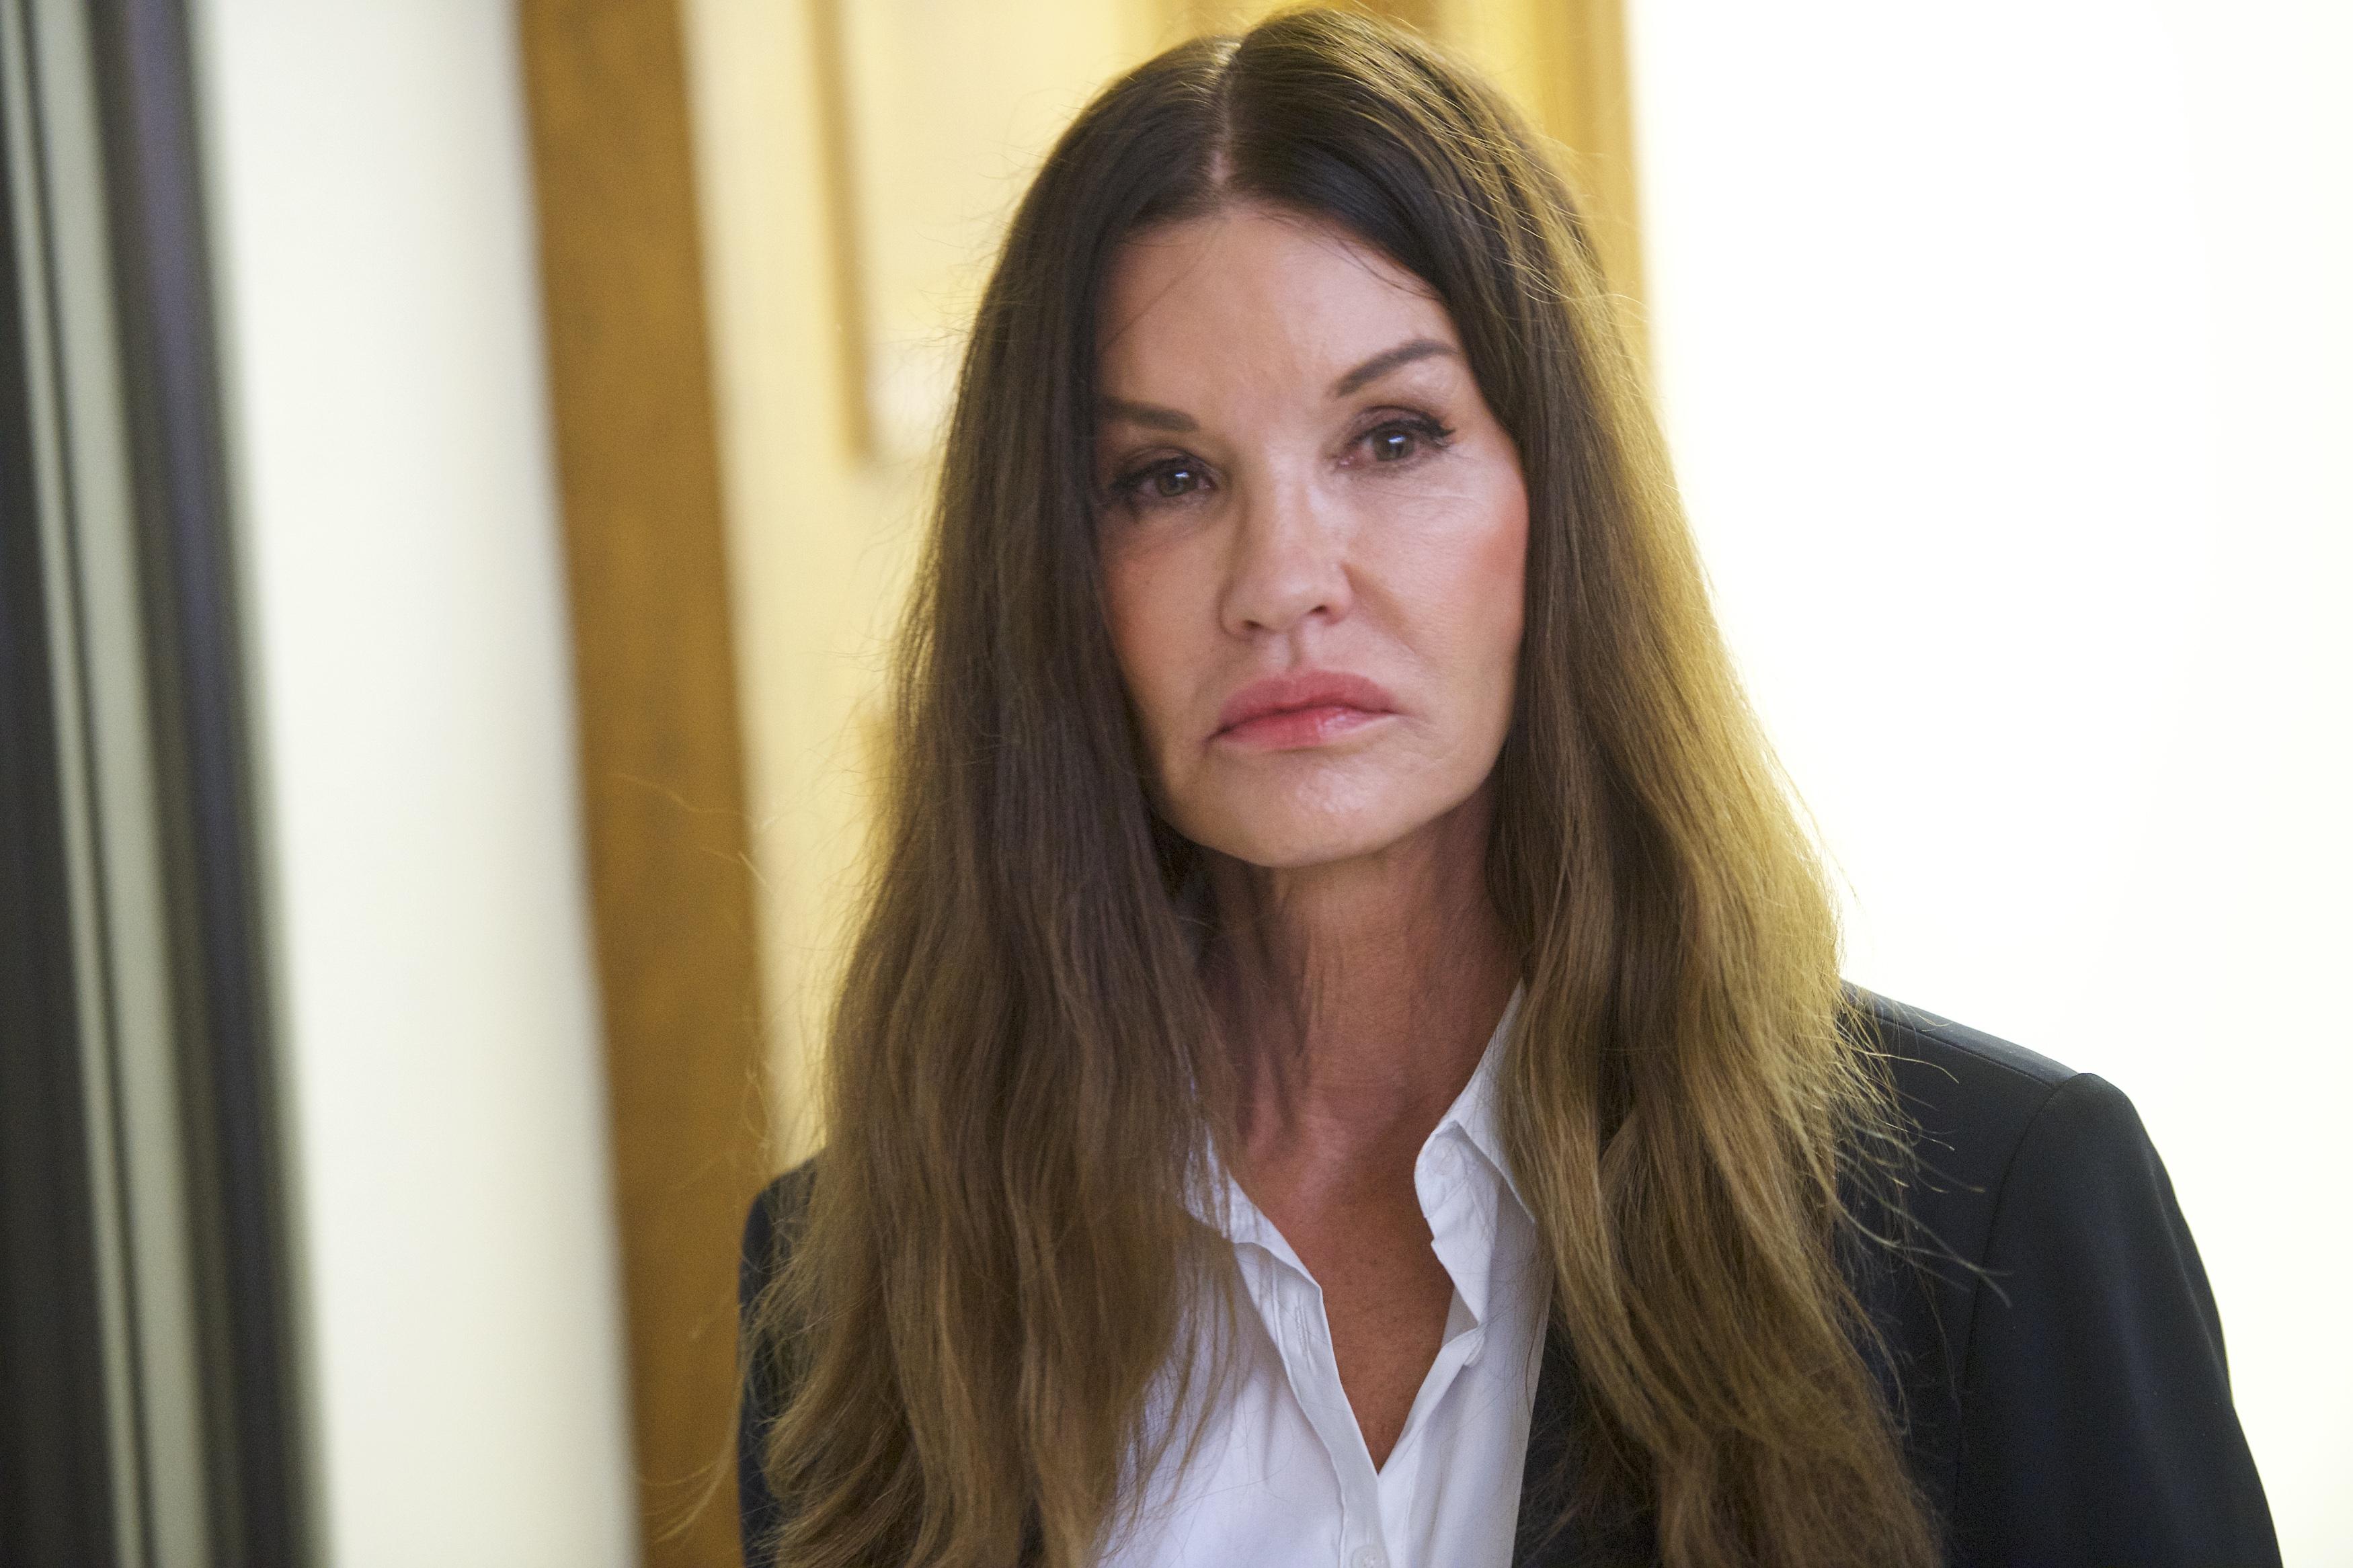 Джанис Дикинсън: Бил Козби ме дрогира и изнасили